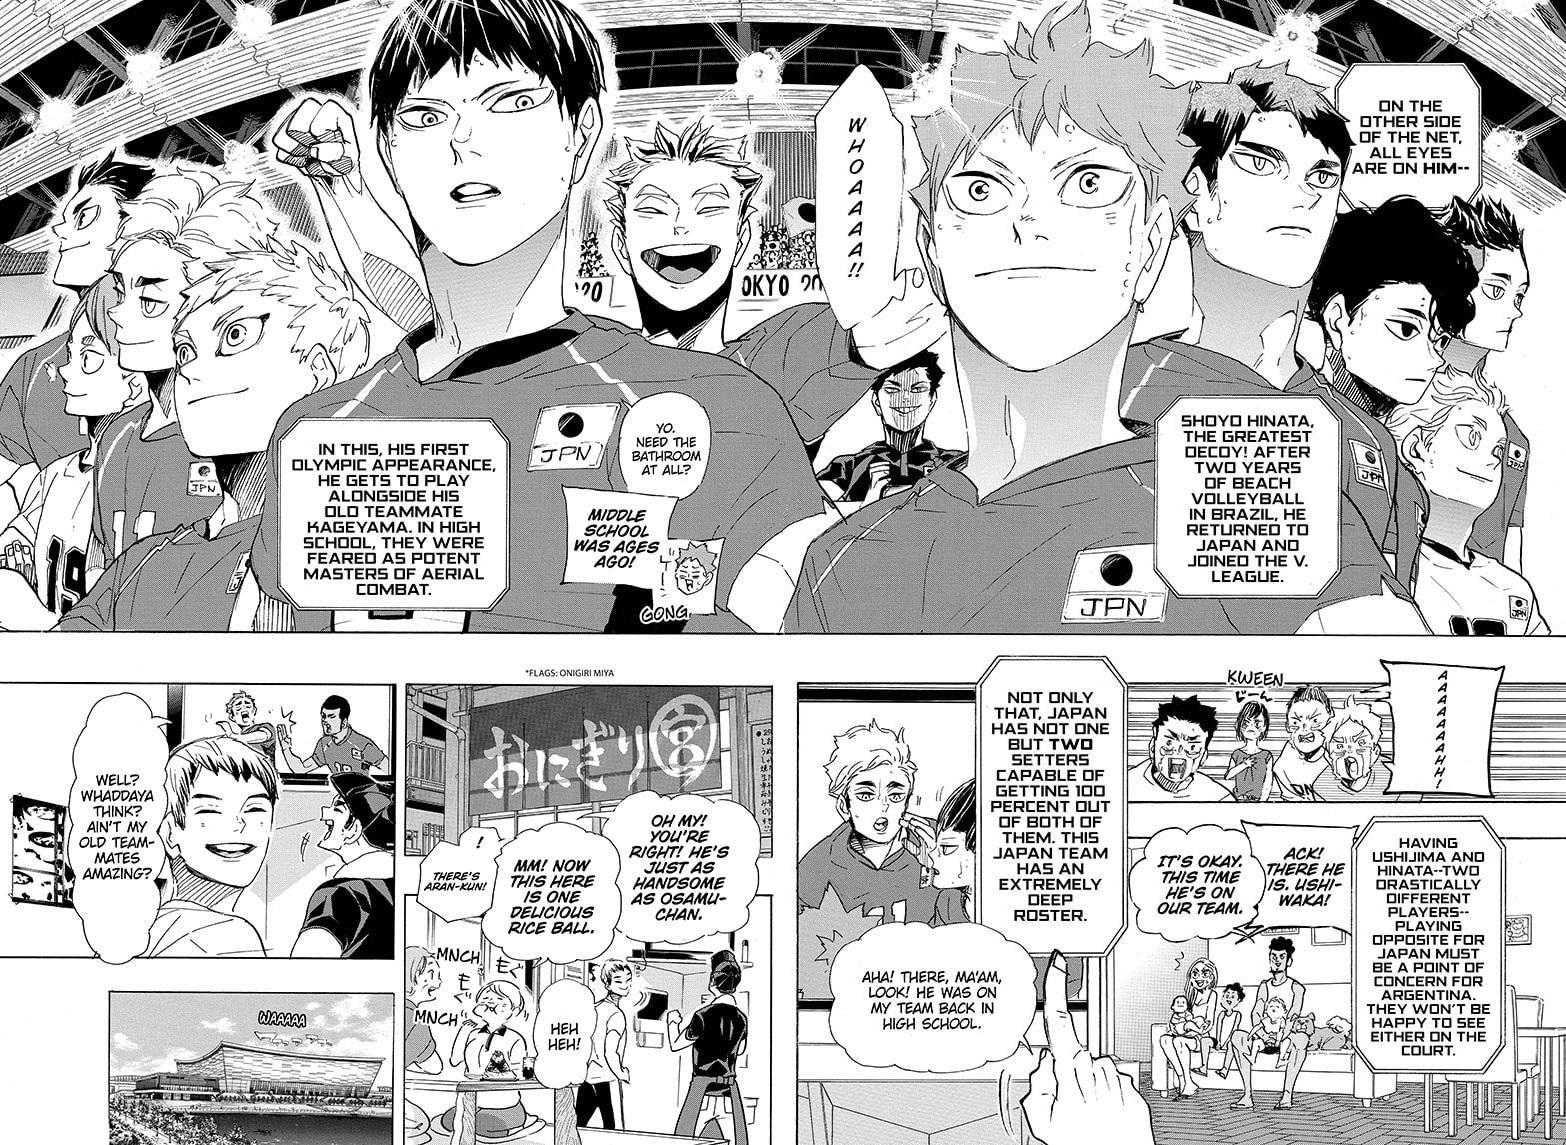 Haikyuu Chapter 402 Read Haikyuu Manga Online Haikyuu Manga Haikyuu Haikyuu Anime Read free or become a member. haikyuu manga haikyuu haikyuu anime